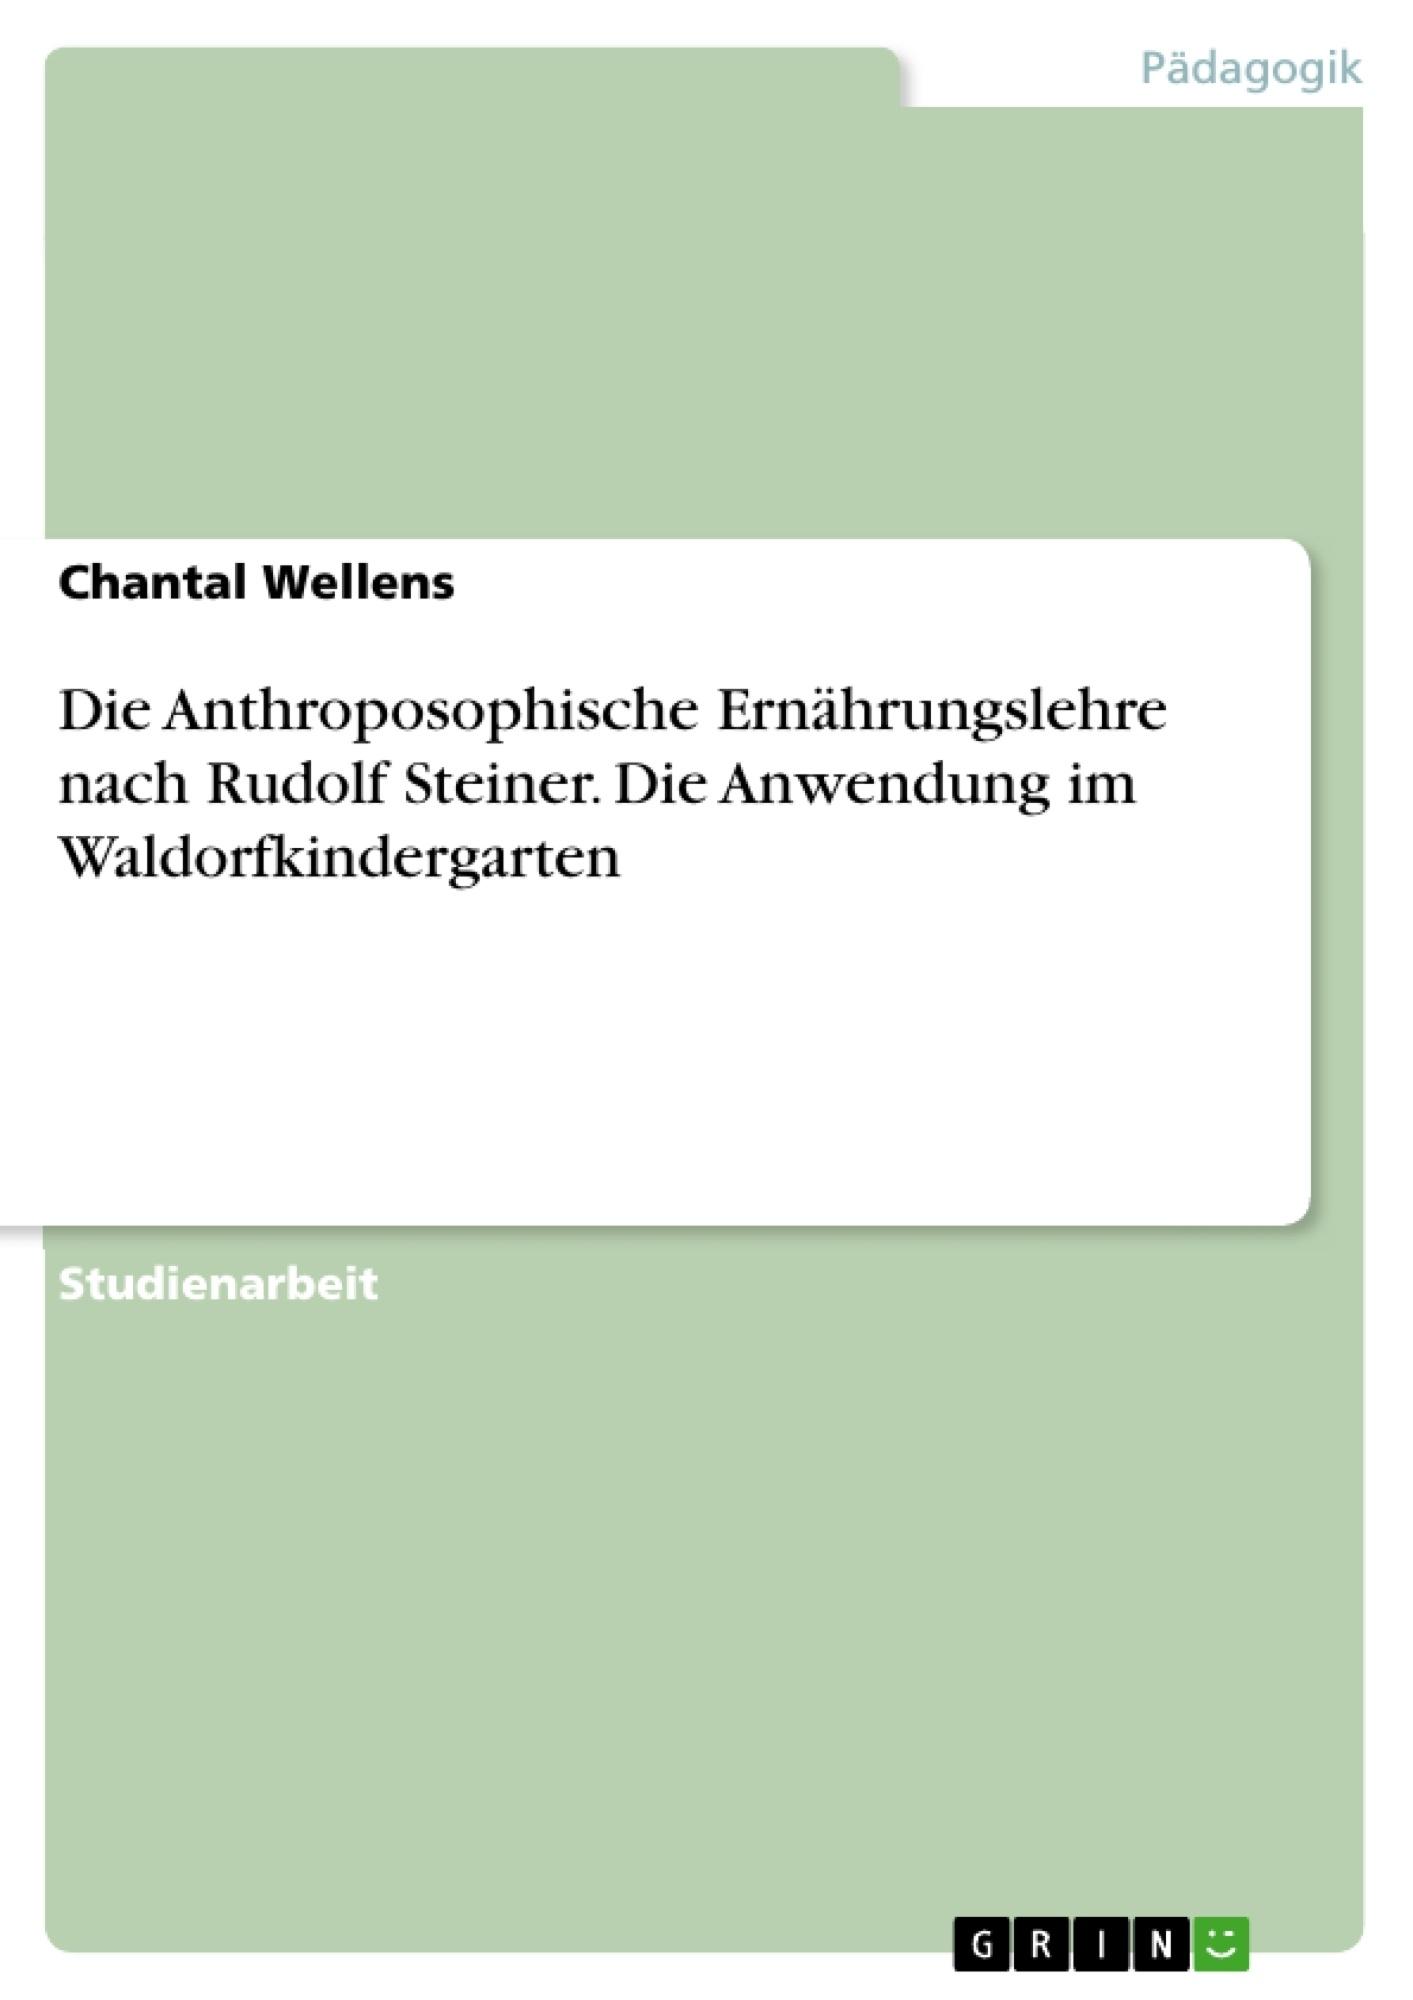 Titel: Die Anthroposophische Ernährungslehre nach Rudolf Steiner. Die Anwendung im Waldorfkindergarten